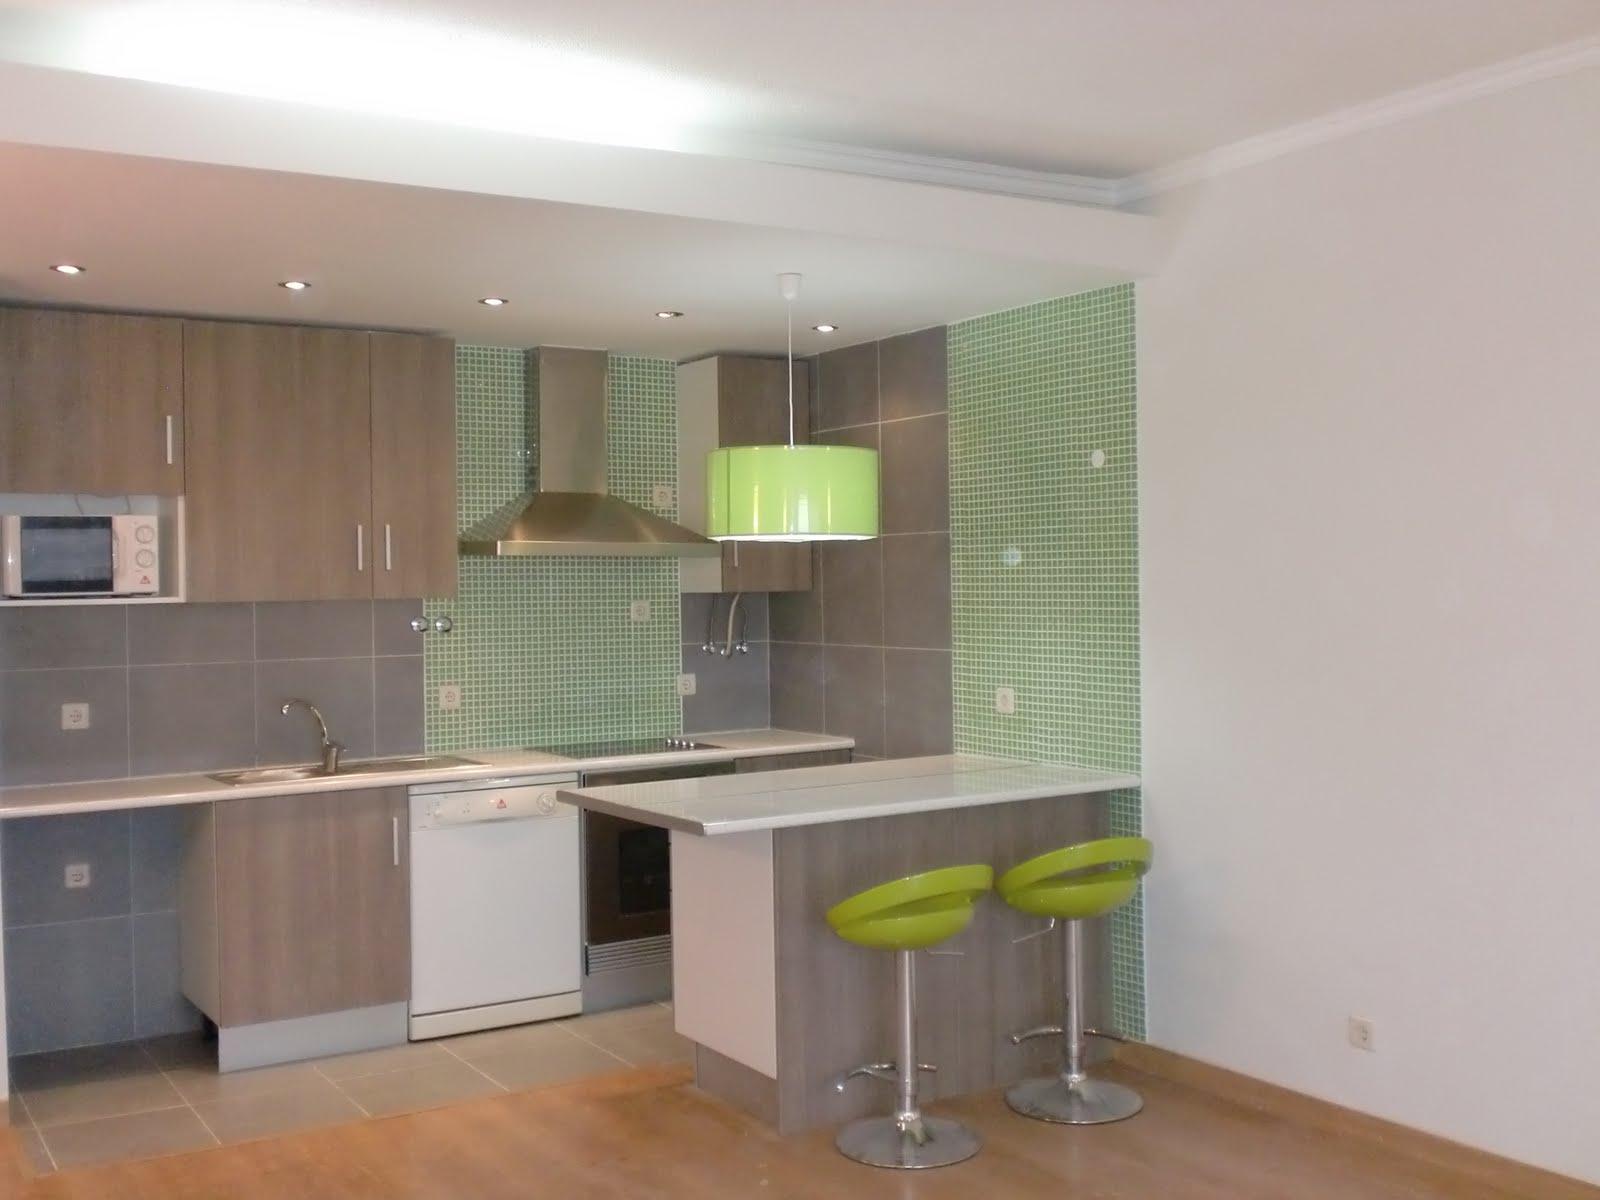 Decora o de cozinhas de apartamentos fotos for Apartamentos